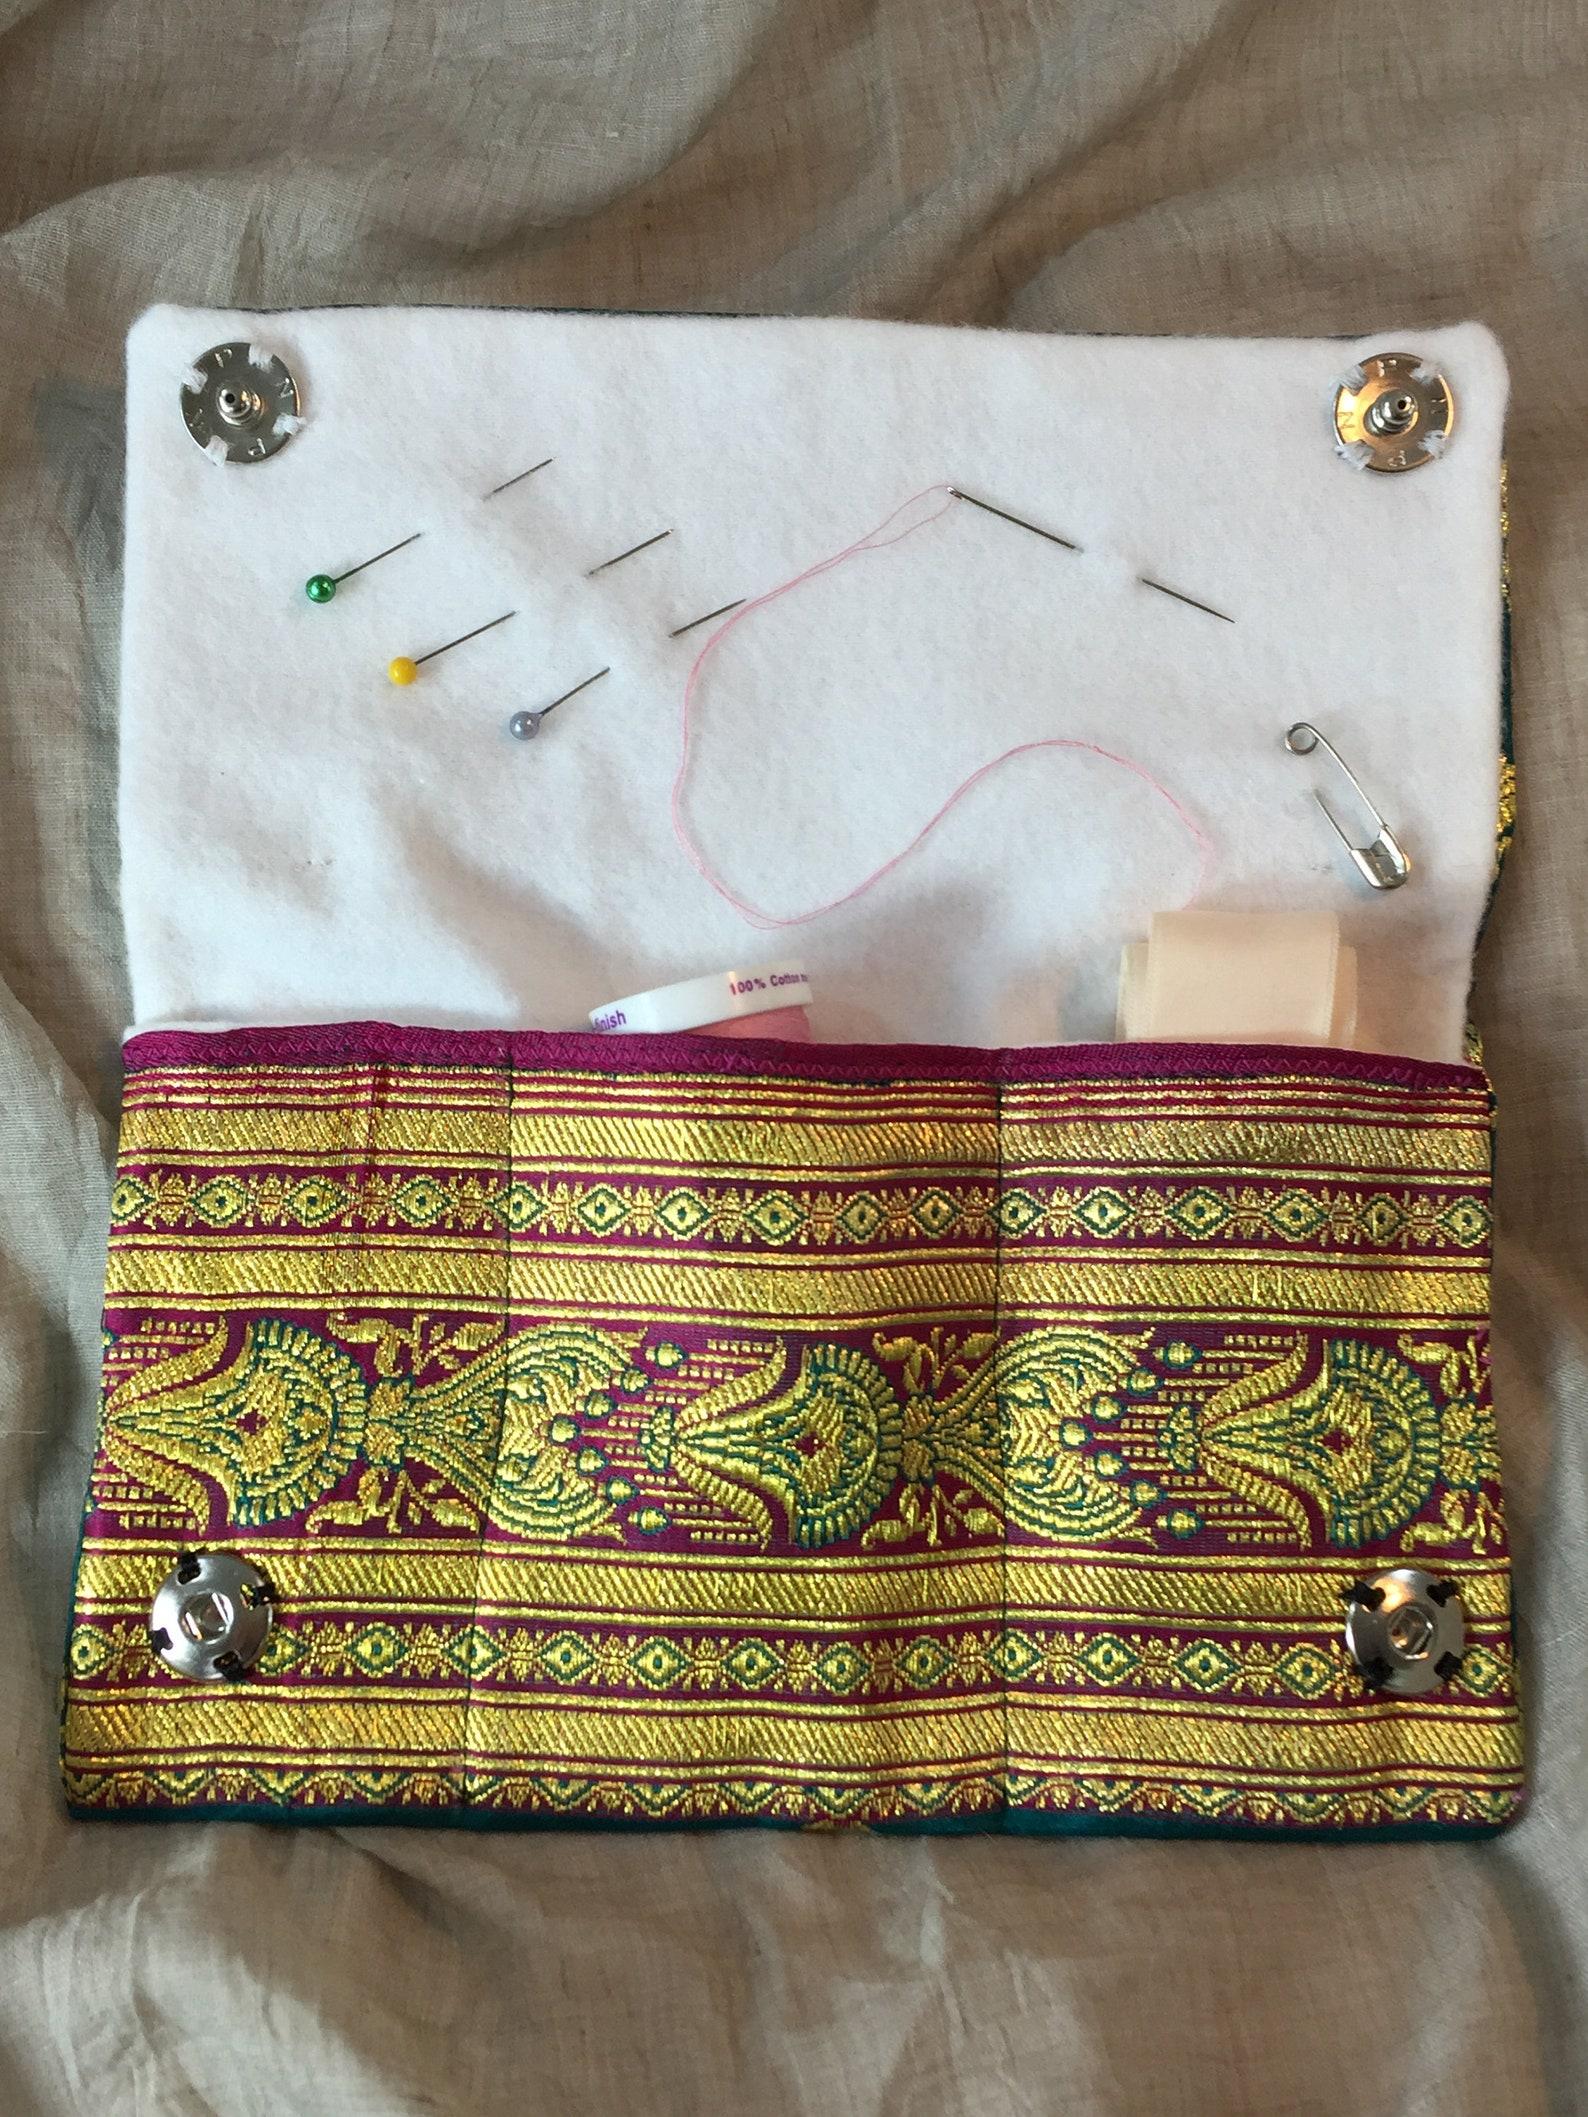 pointe shoe sewing kit, ballet sewing kit, wallet sized elegance